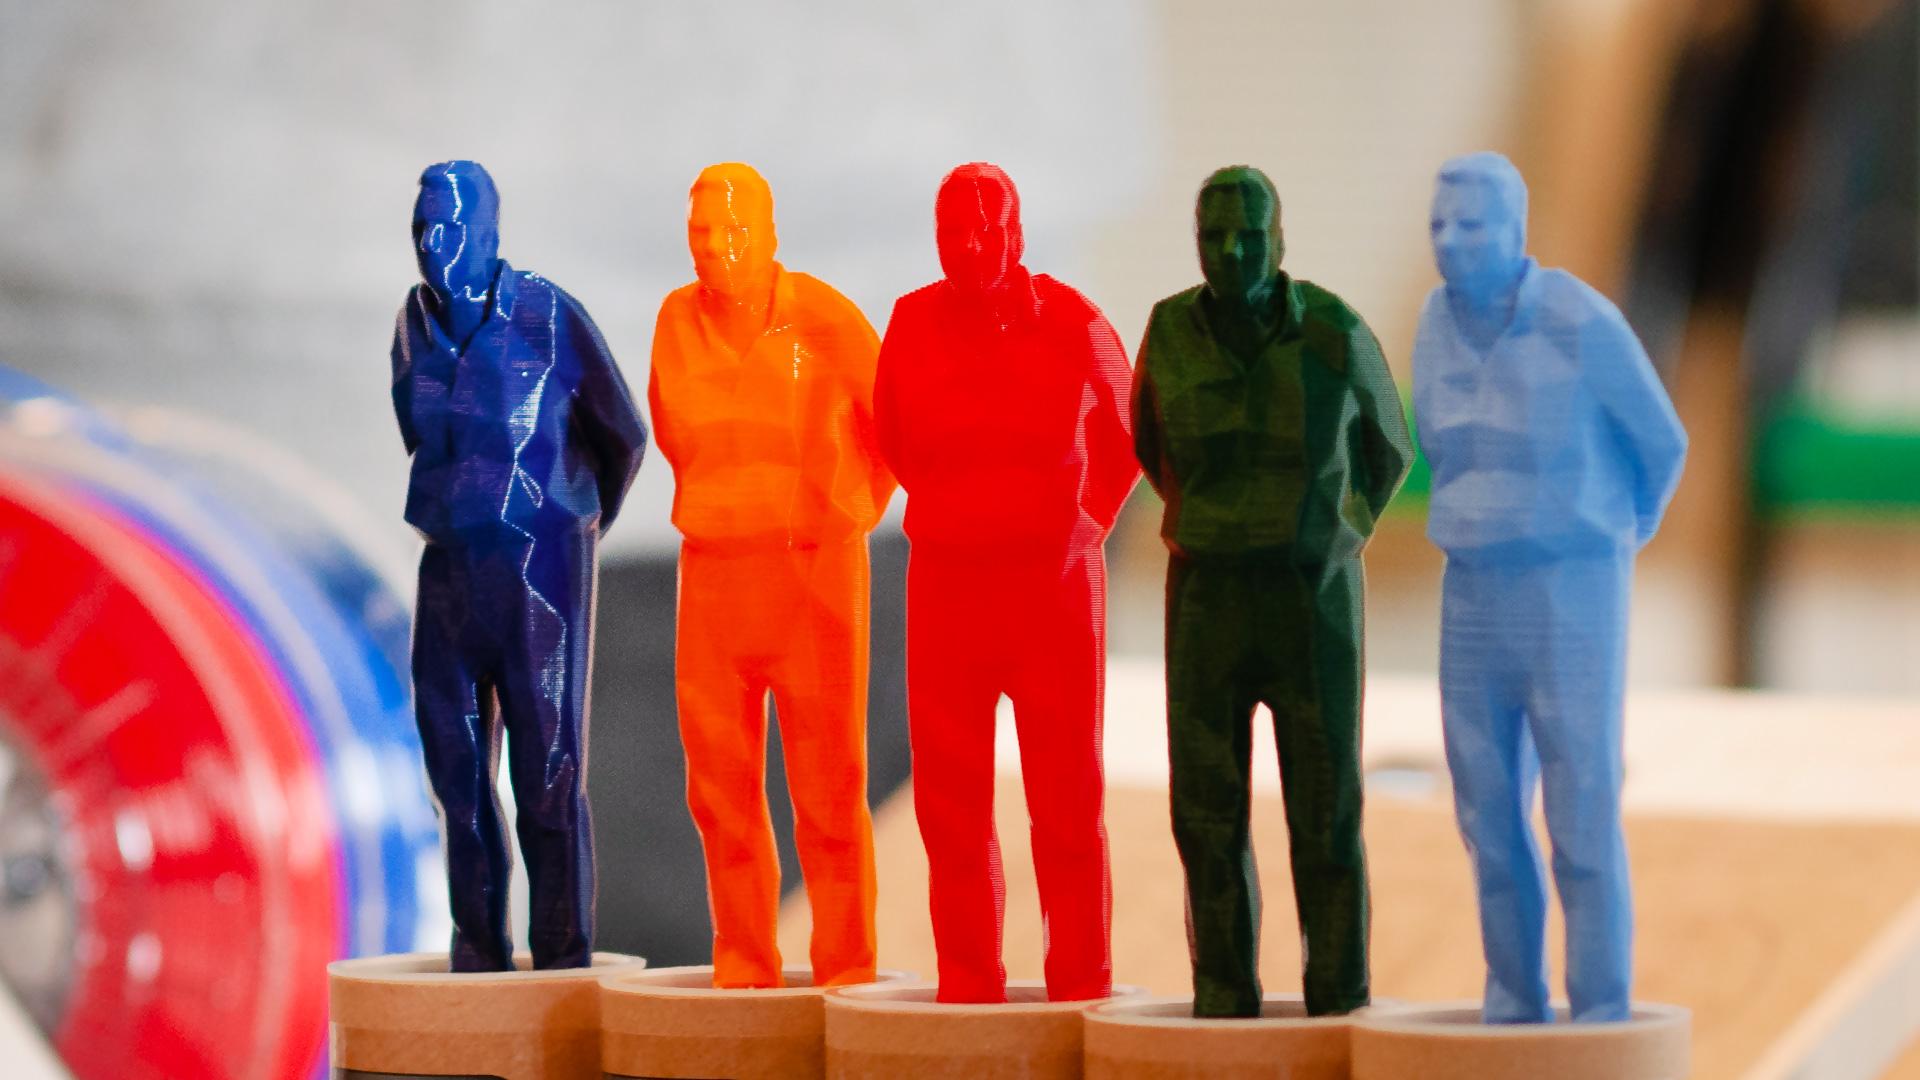 Chi sono gli artigiani digitali: ecco la storia dell'Umarell